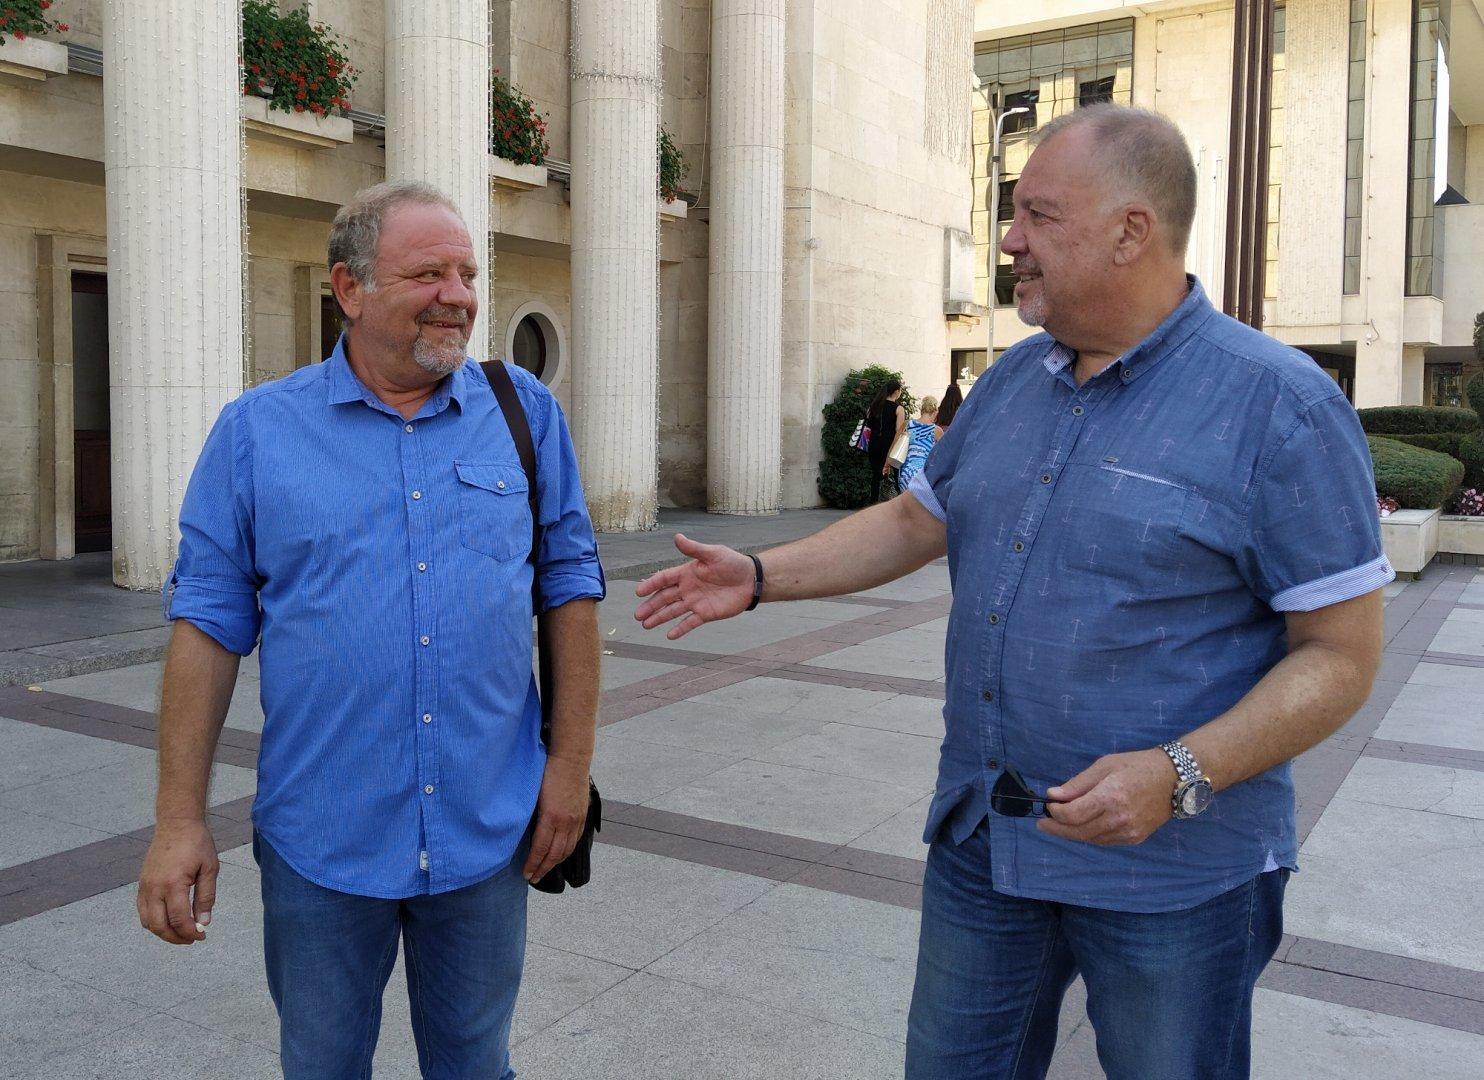 Йордан Георгиев (вляво) няма проблем в комуникацията с колегите си от другите партии, което не се харесва на съпартийците му. Снимка Архив Черноморие-бг